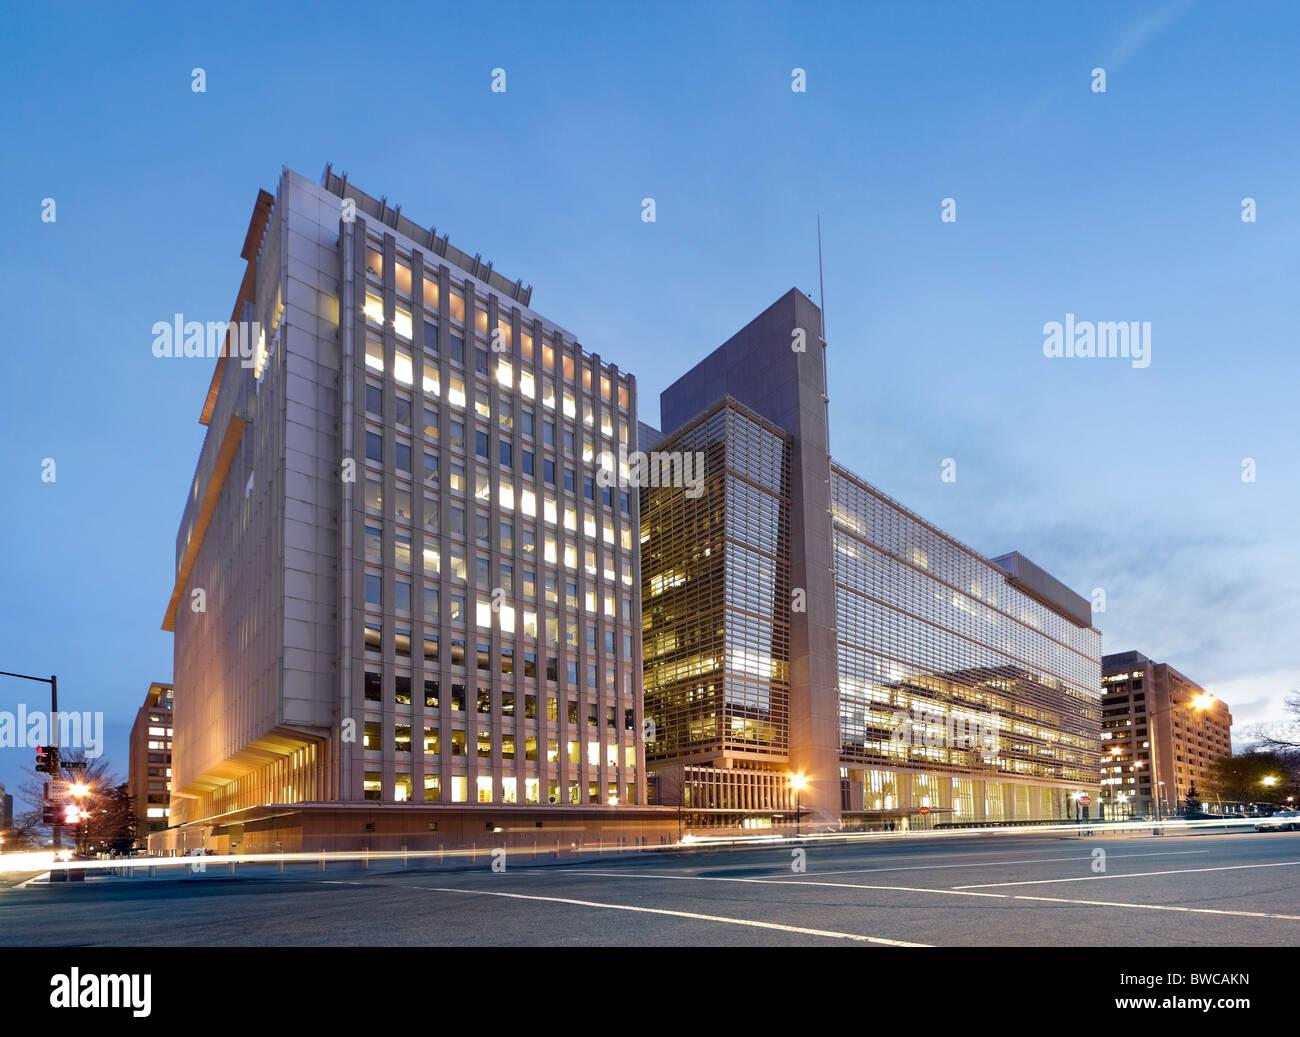 La Banque mondiale siège Bâtiment bâtiment principal au crépuscule. Bâtiment H 1818 H Street, Photo Stock